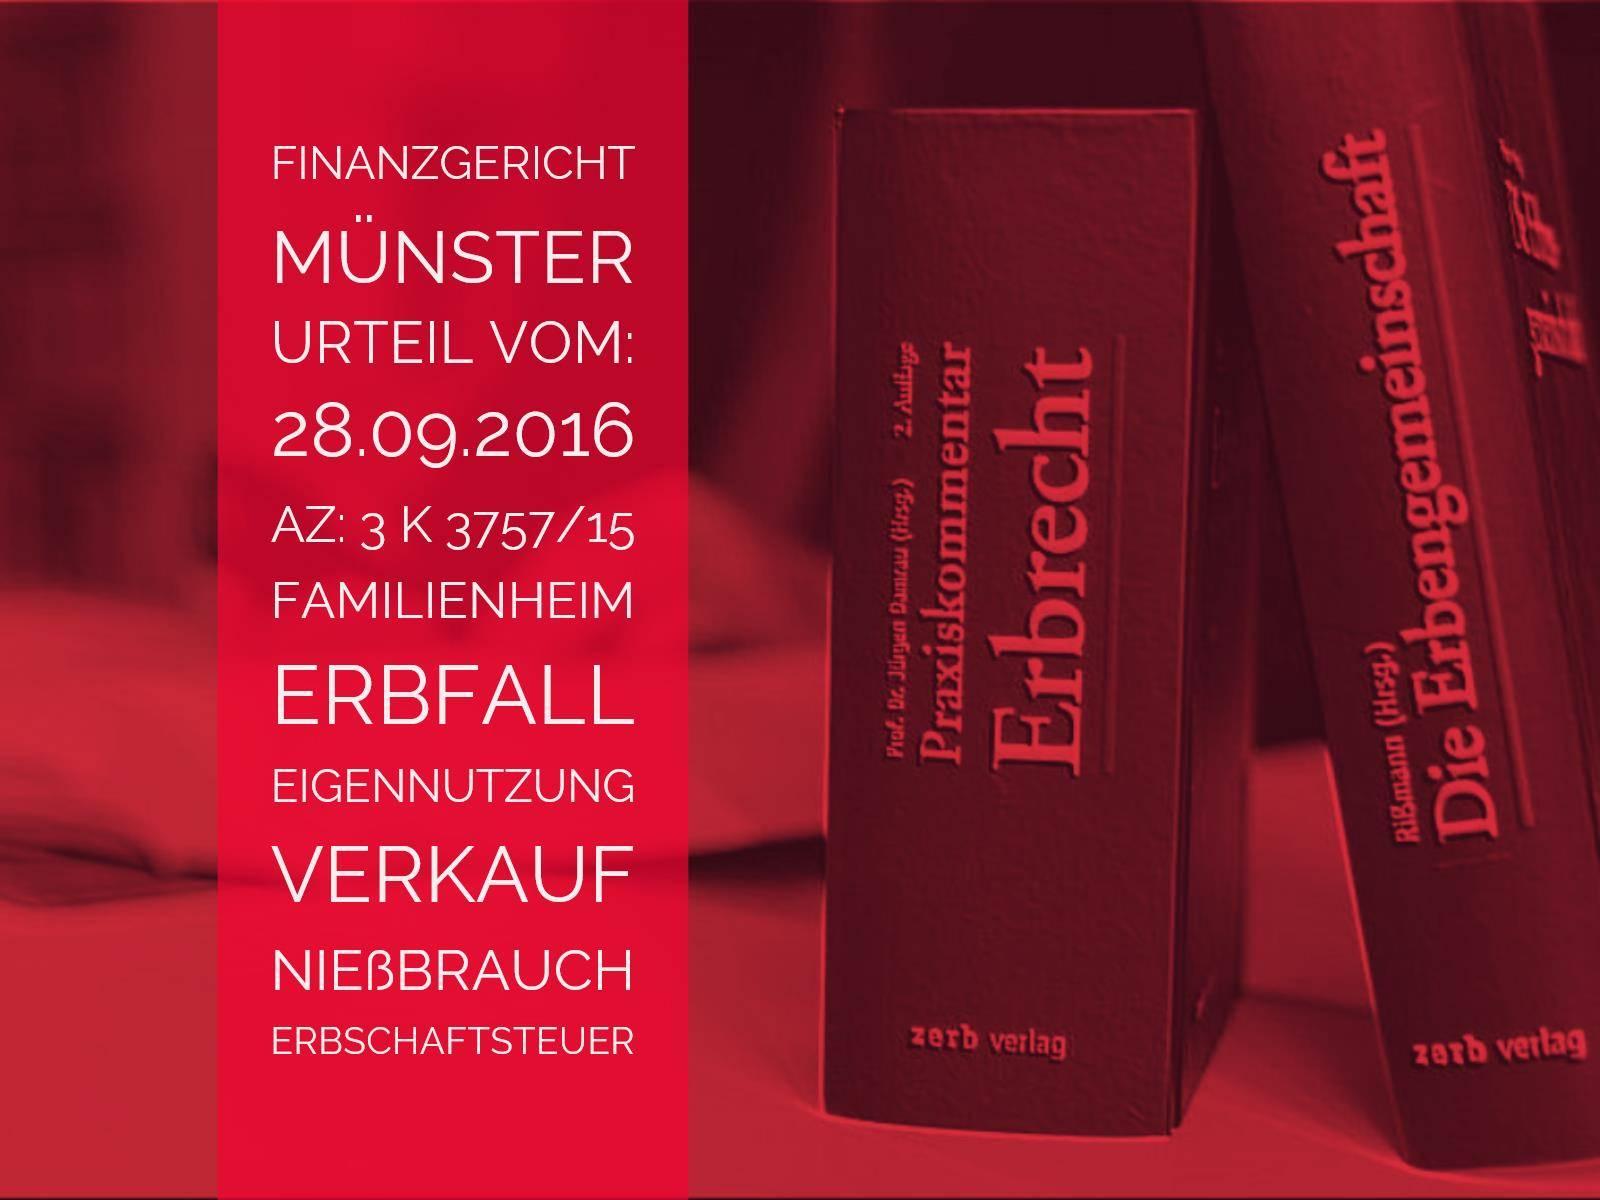 Erbrecht: FG Münster - 28.09.2016 - 3 K 3757/15 | Erbschaftsteuerpflicht nach Weitergabe des Familienheims unter dem Vorbehalt des Nießbrauches